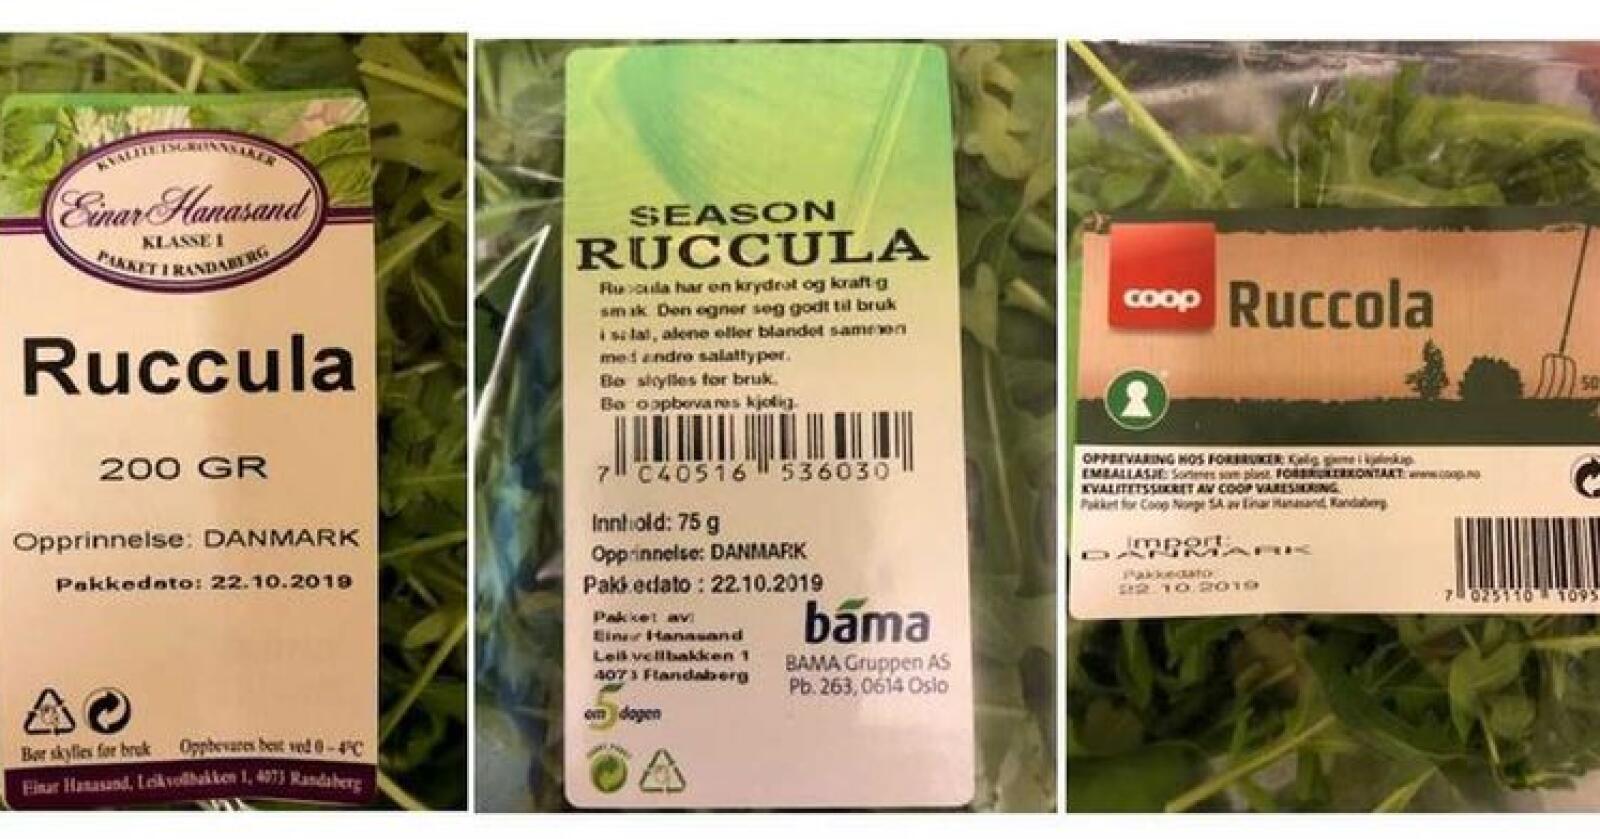 450 kilo ruccolasalat trekkes fra markedet etter påvisning av E.coli. Foto: Matportalen.no